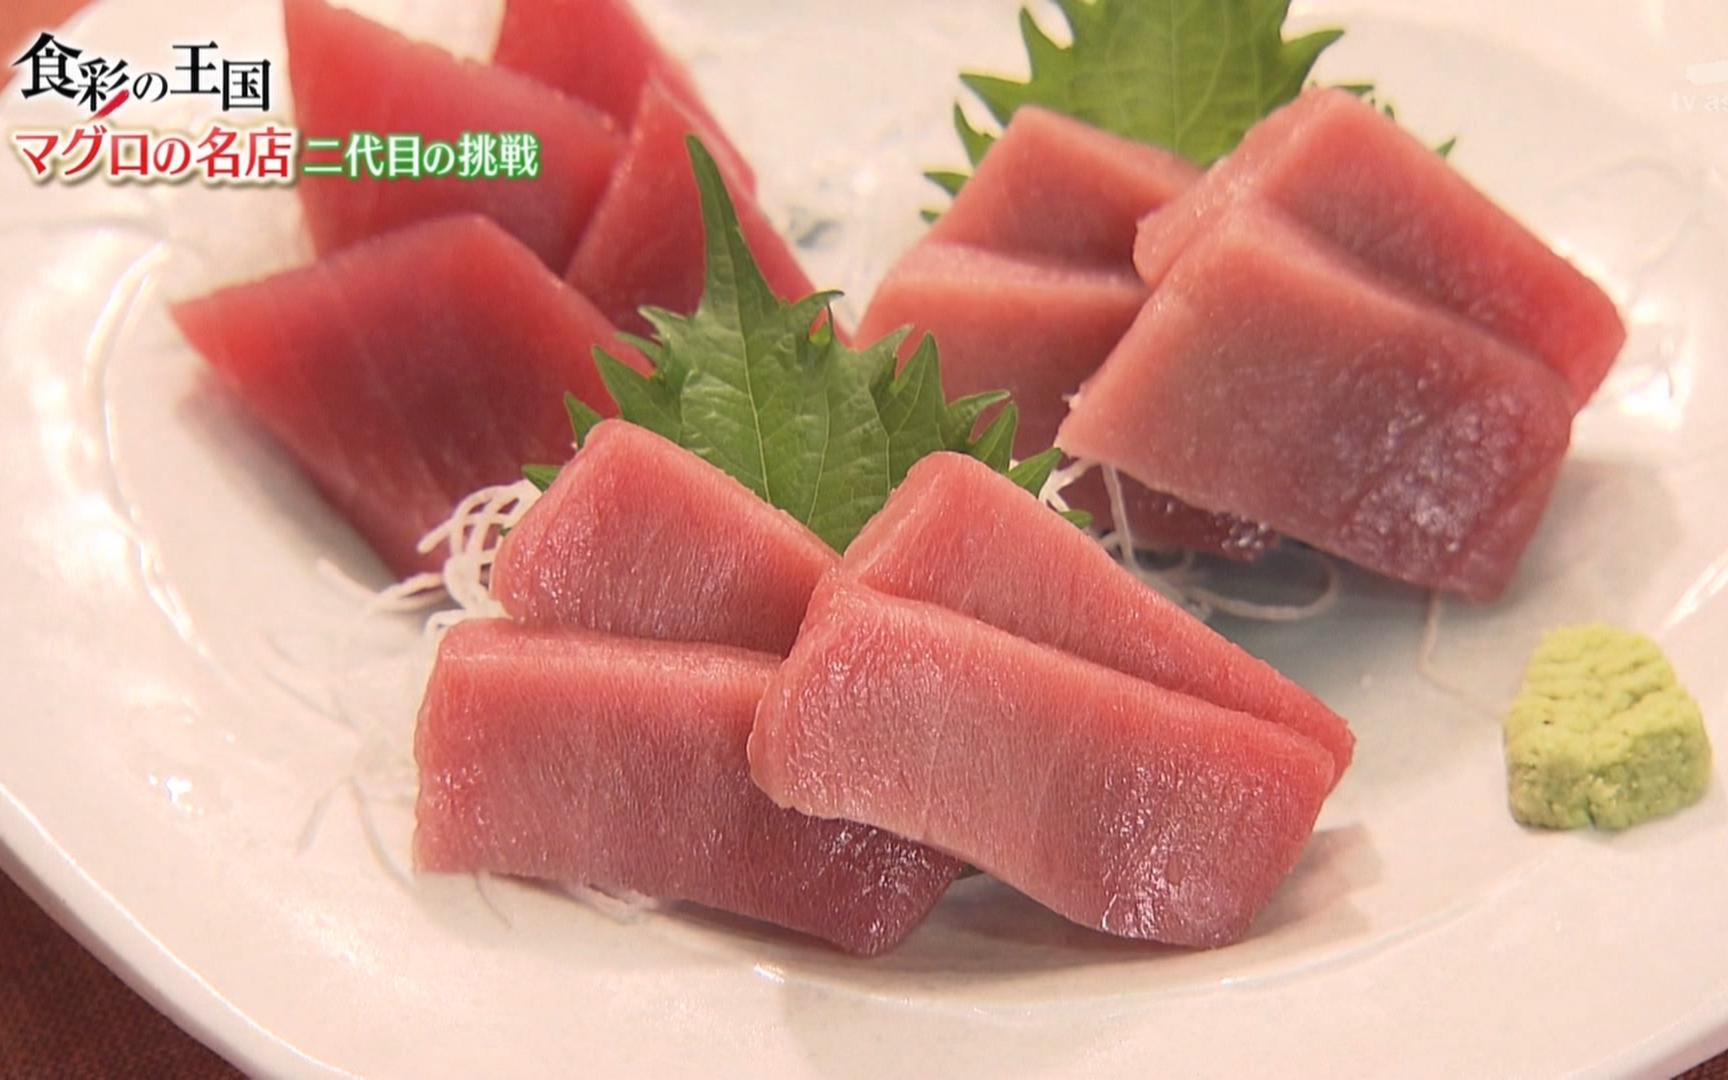 食彩之国 第866回 美味金枪鱼名店 二代目的挑战